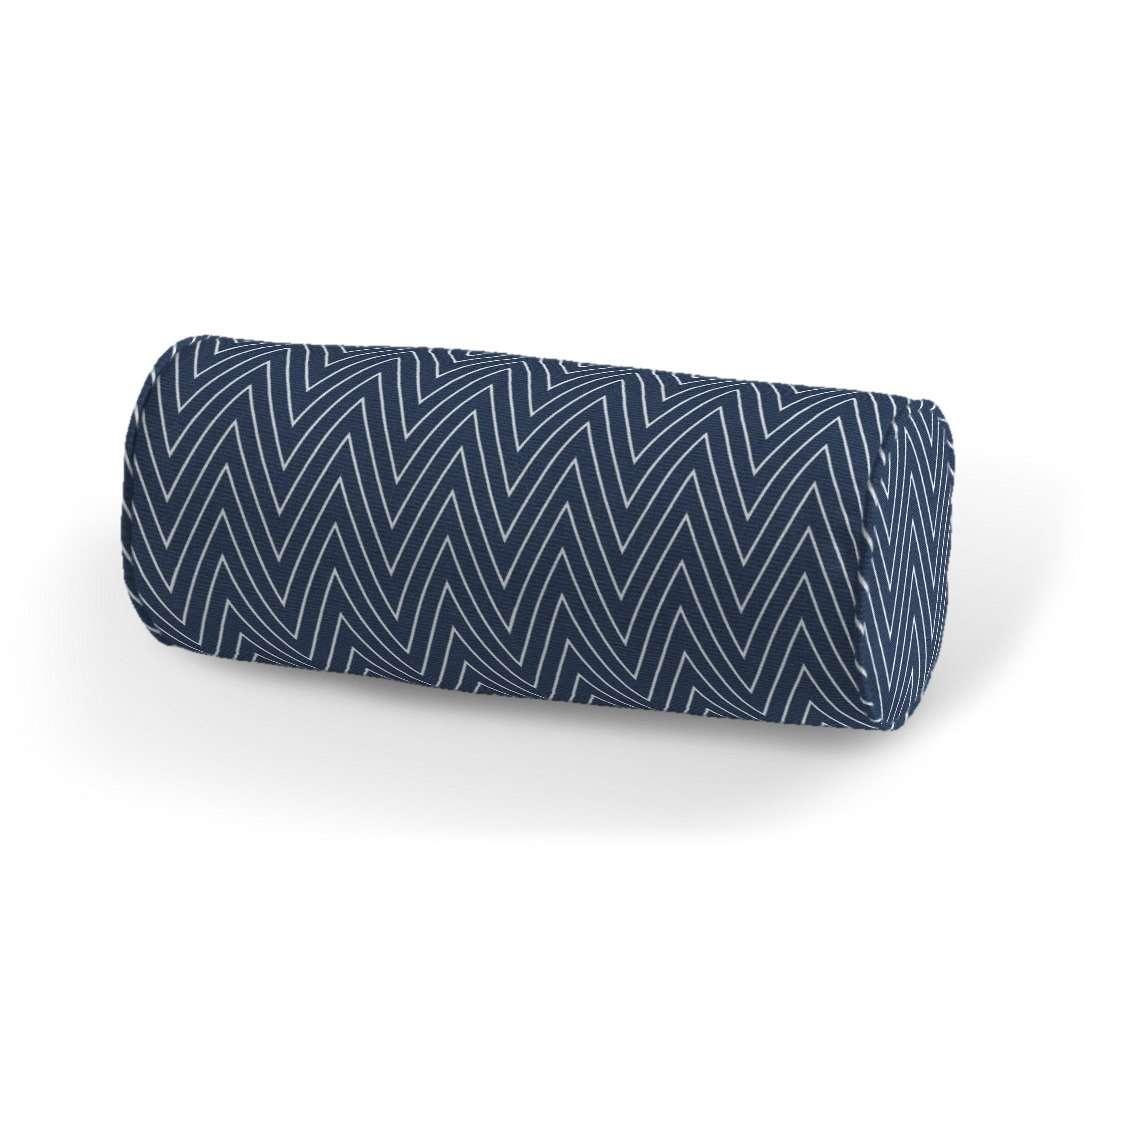 Poduszka wałek prosty Ø16x40cm w kolekcji Brooklyn, tkanina: 137-88